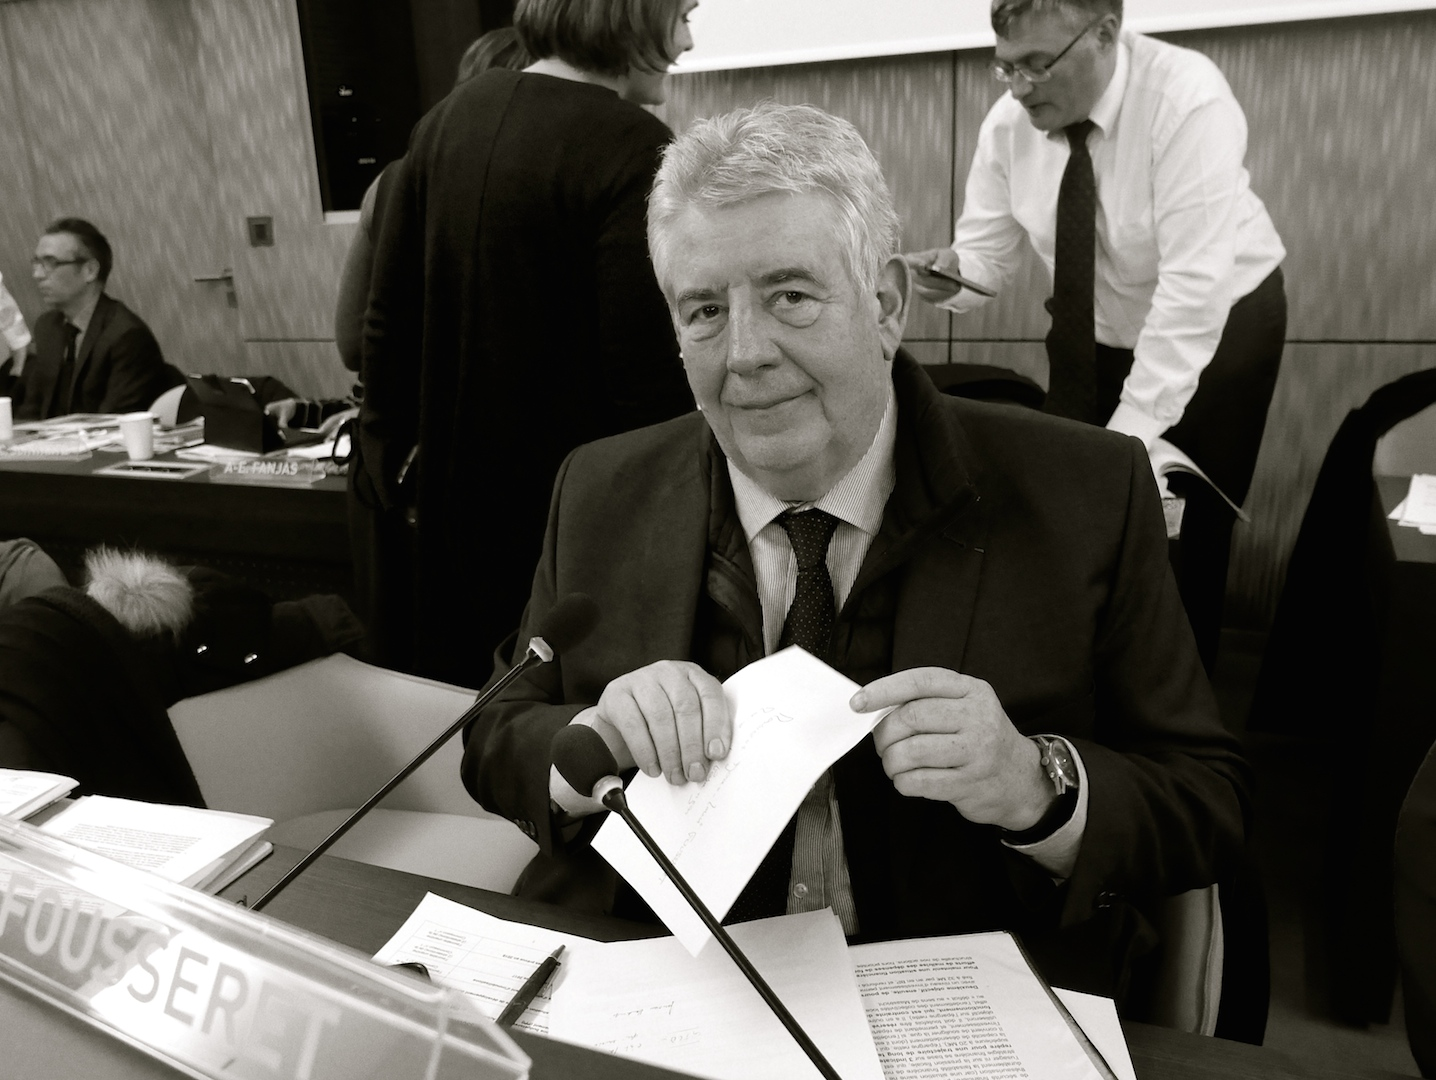 Jean-Louis Fousseret : « Il y a 35 ans de dette à résorber, ce n'est ni de droite ni de gauche, c'est une obligation, il n'y a pas d'alternative... » (Photos Daniel Bordur)